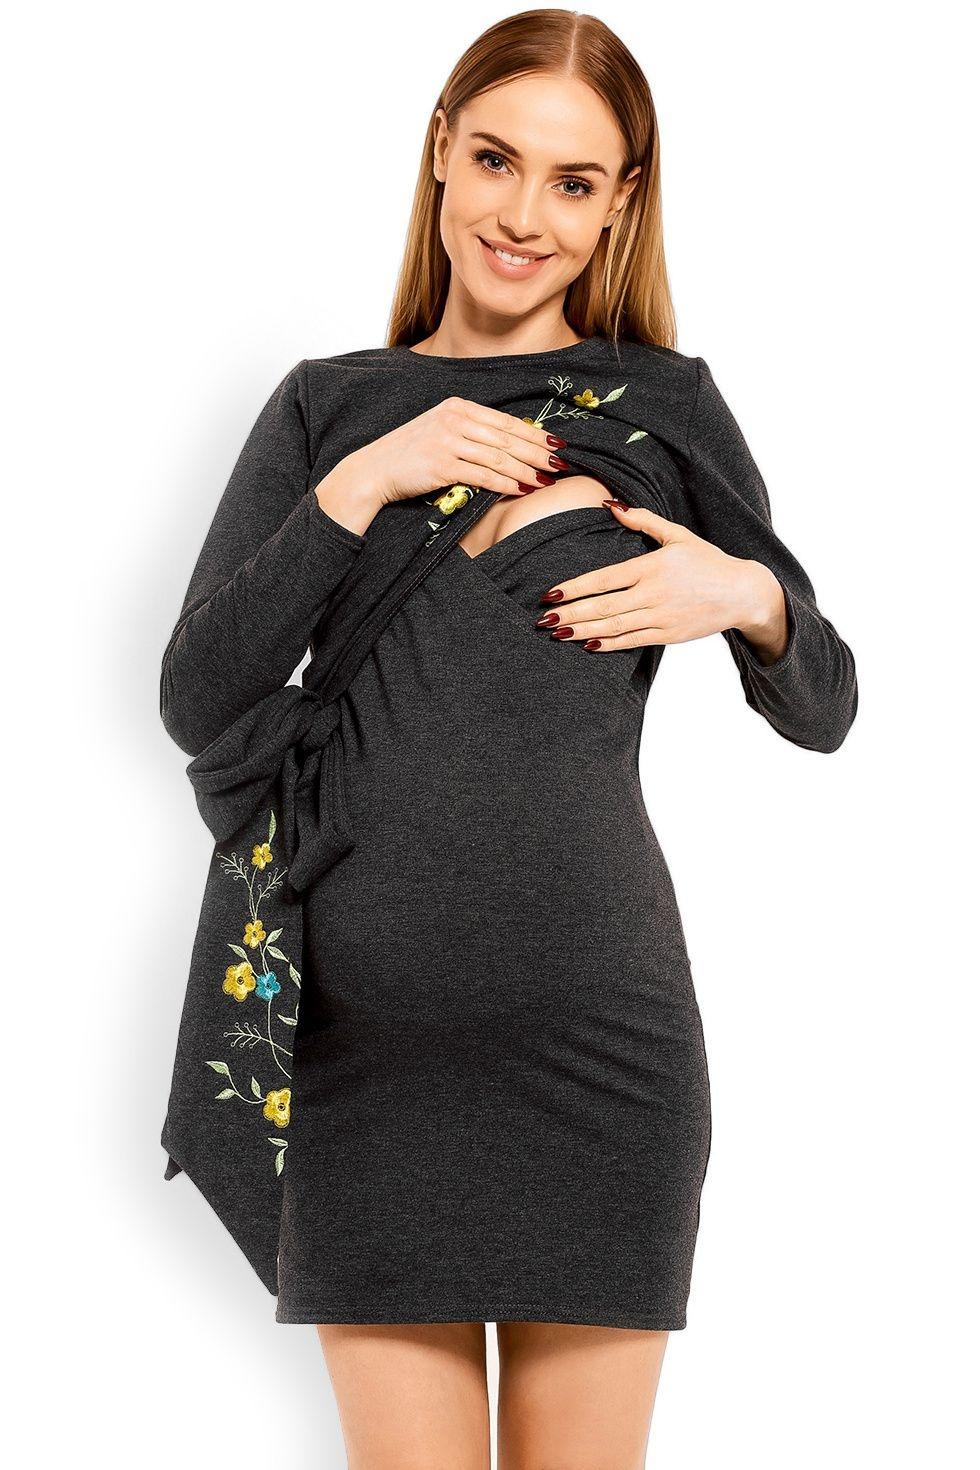 Těhotenské a kojící šaty Bonnie šedé - ELEGANT.cz 78f7e9f480